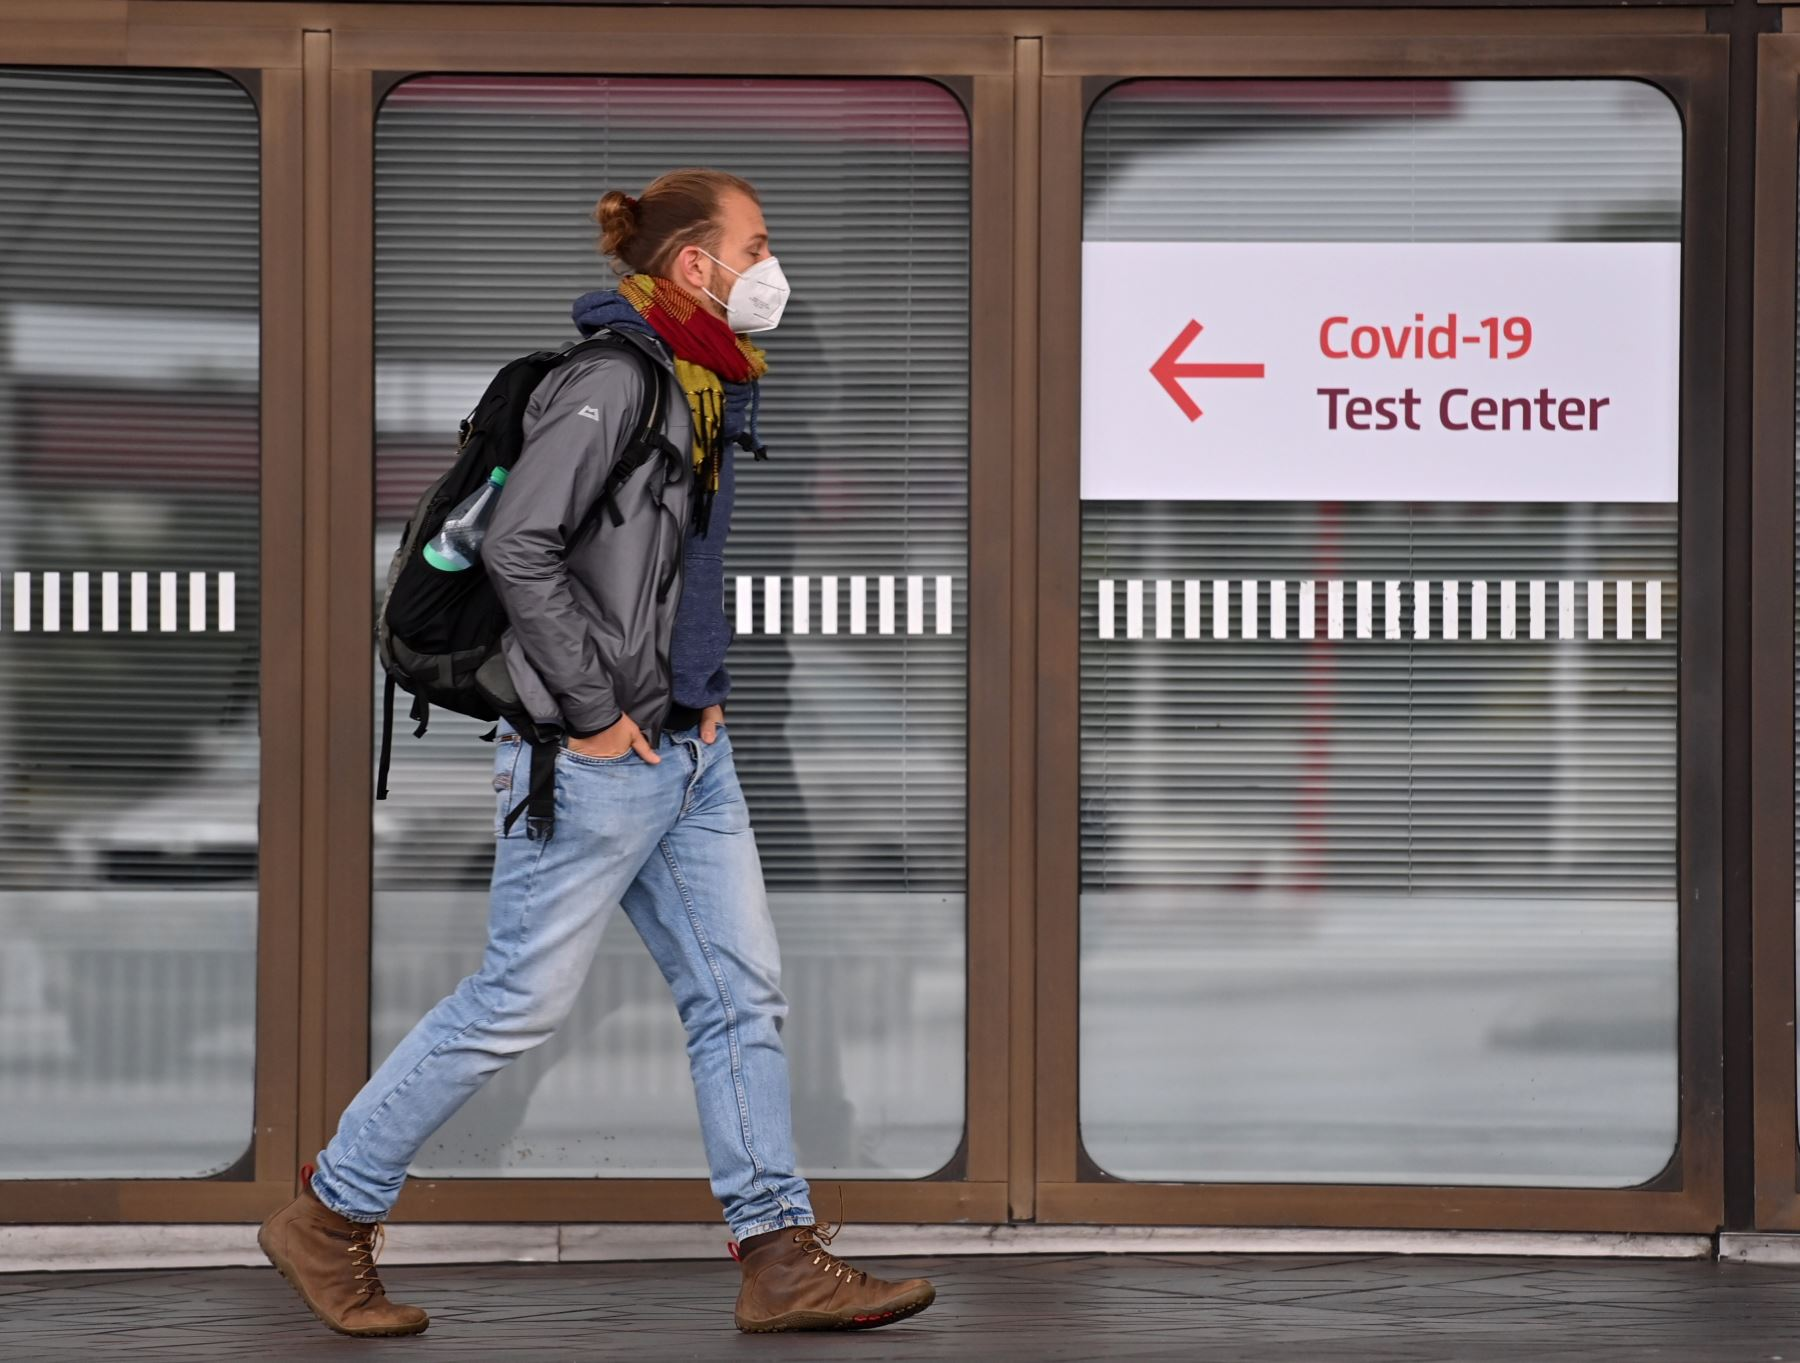 Alemania planea endurecer restricciones para contener la pandemia